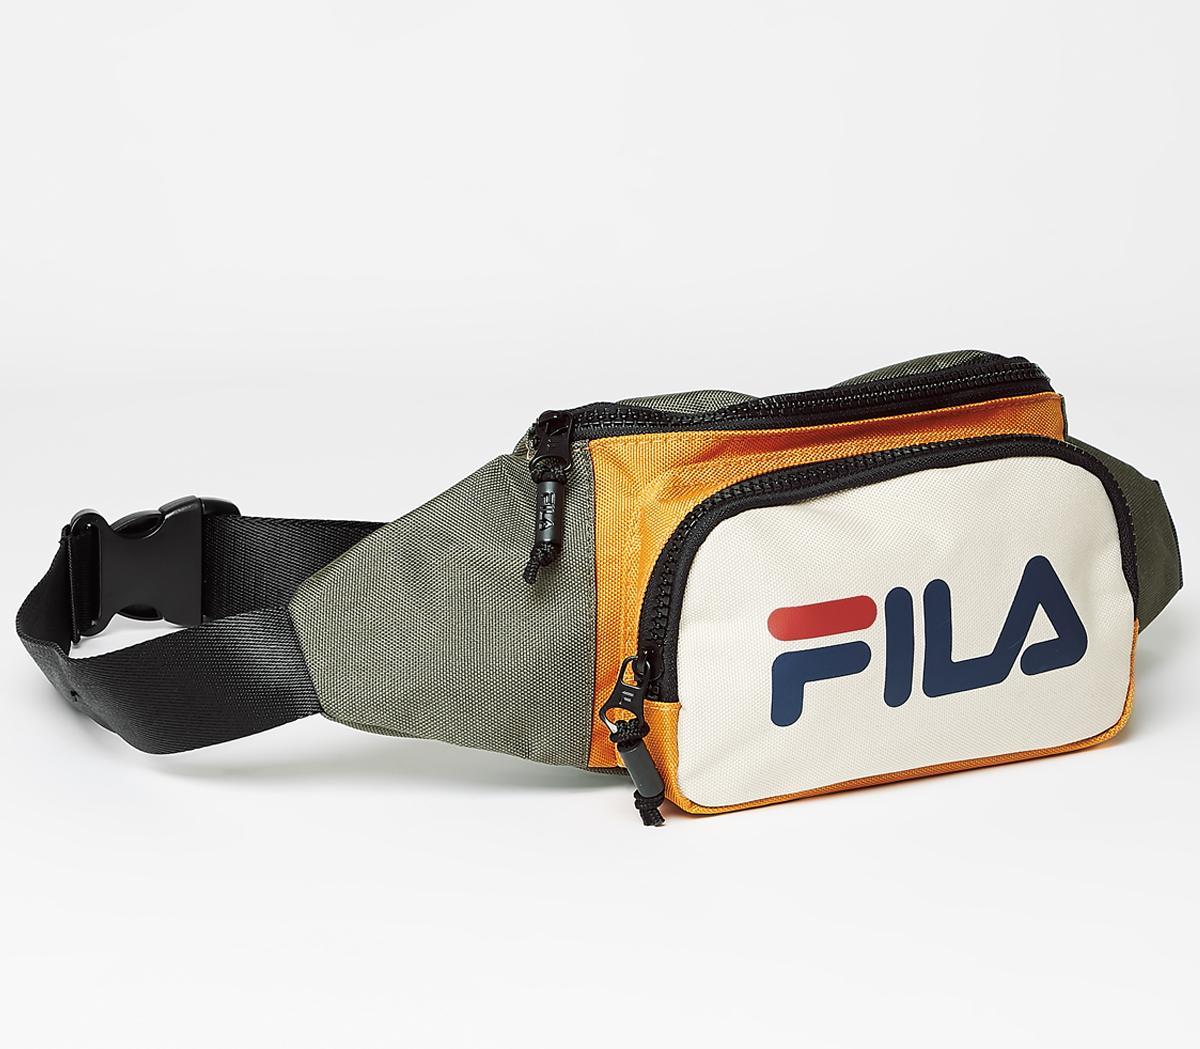 Caldon Waist Bag